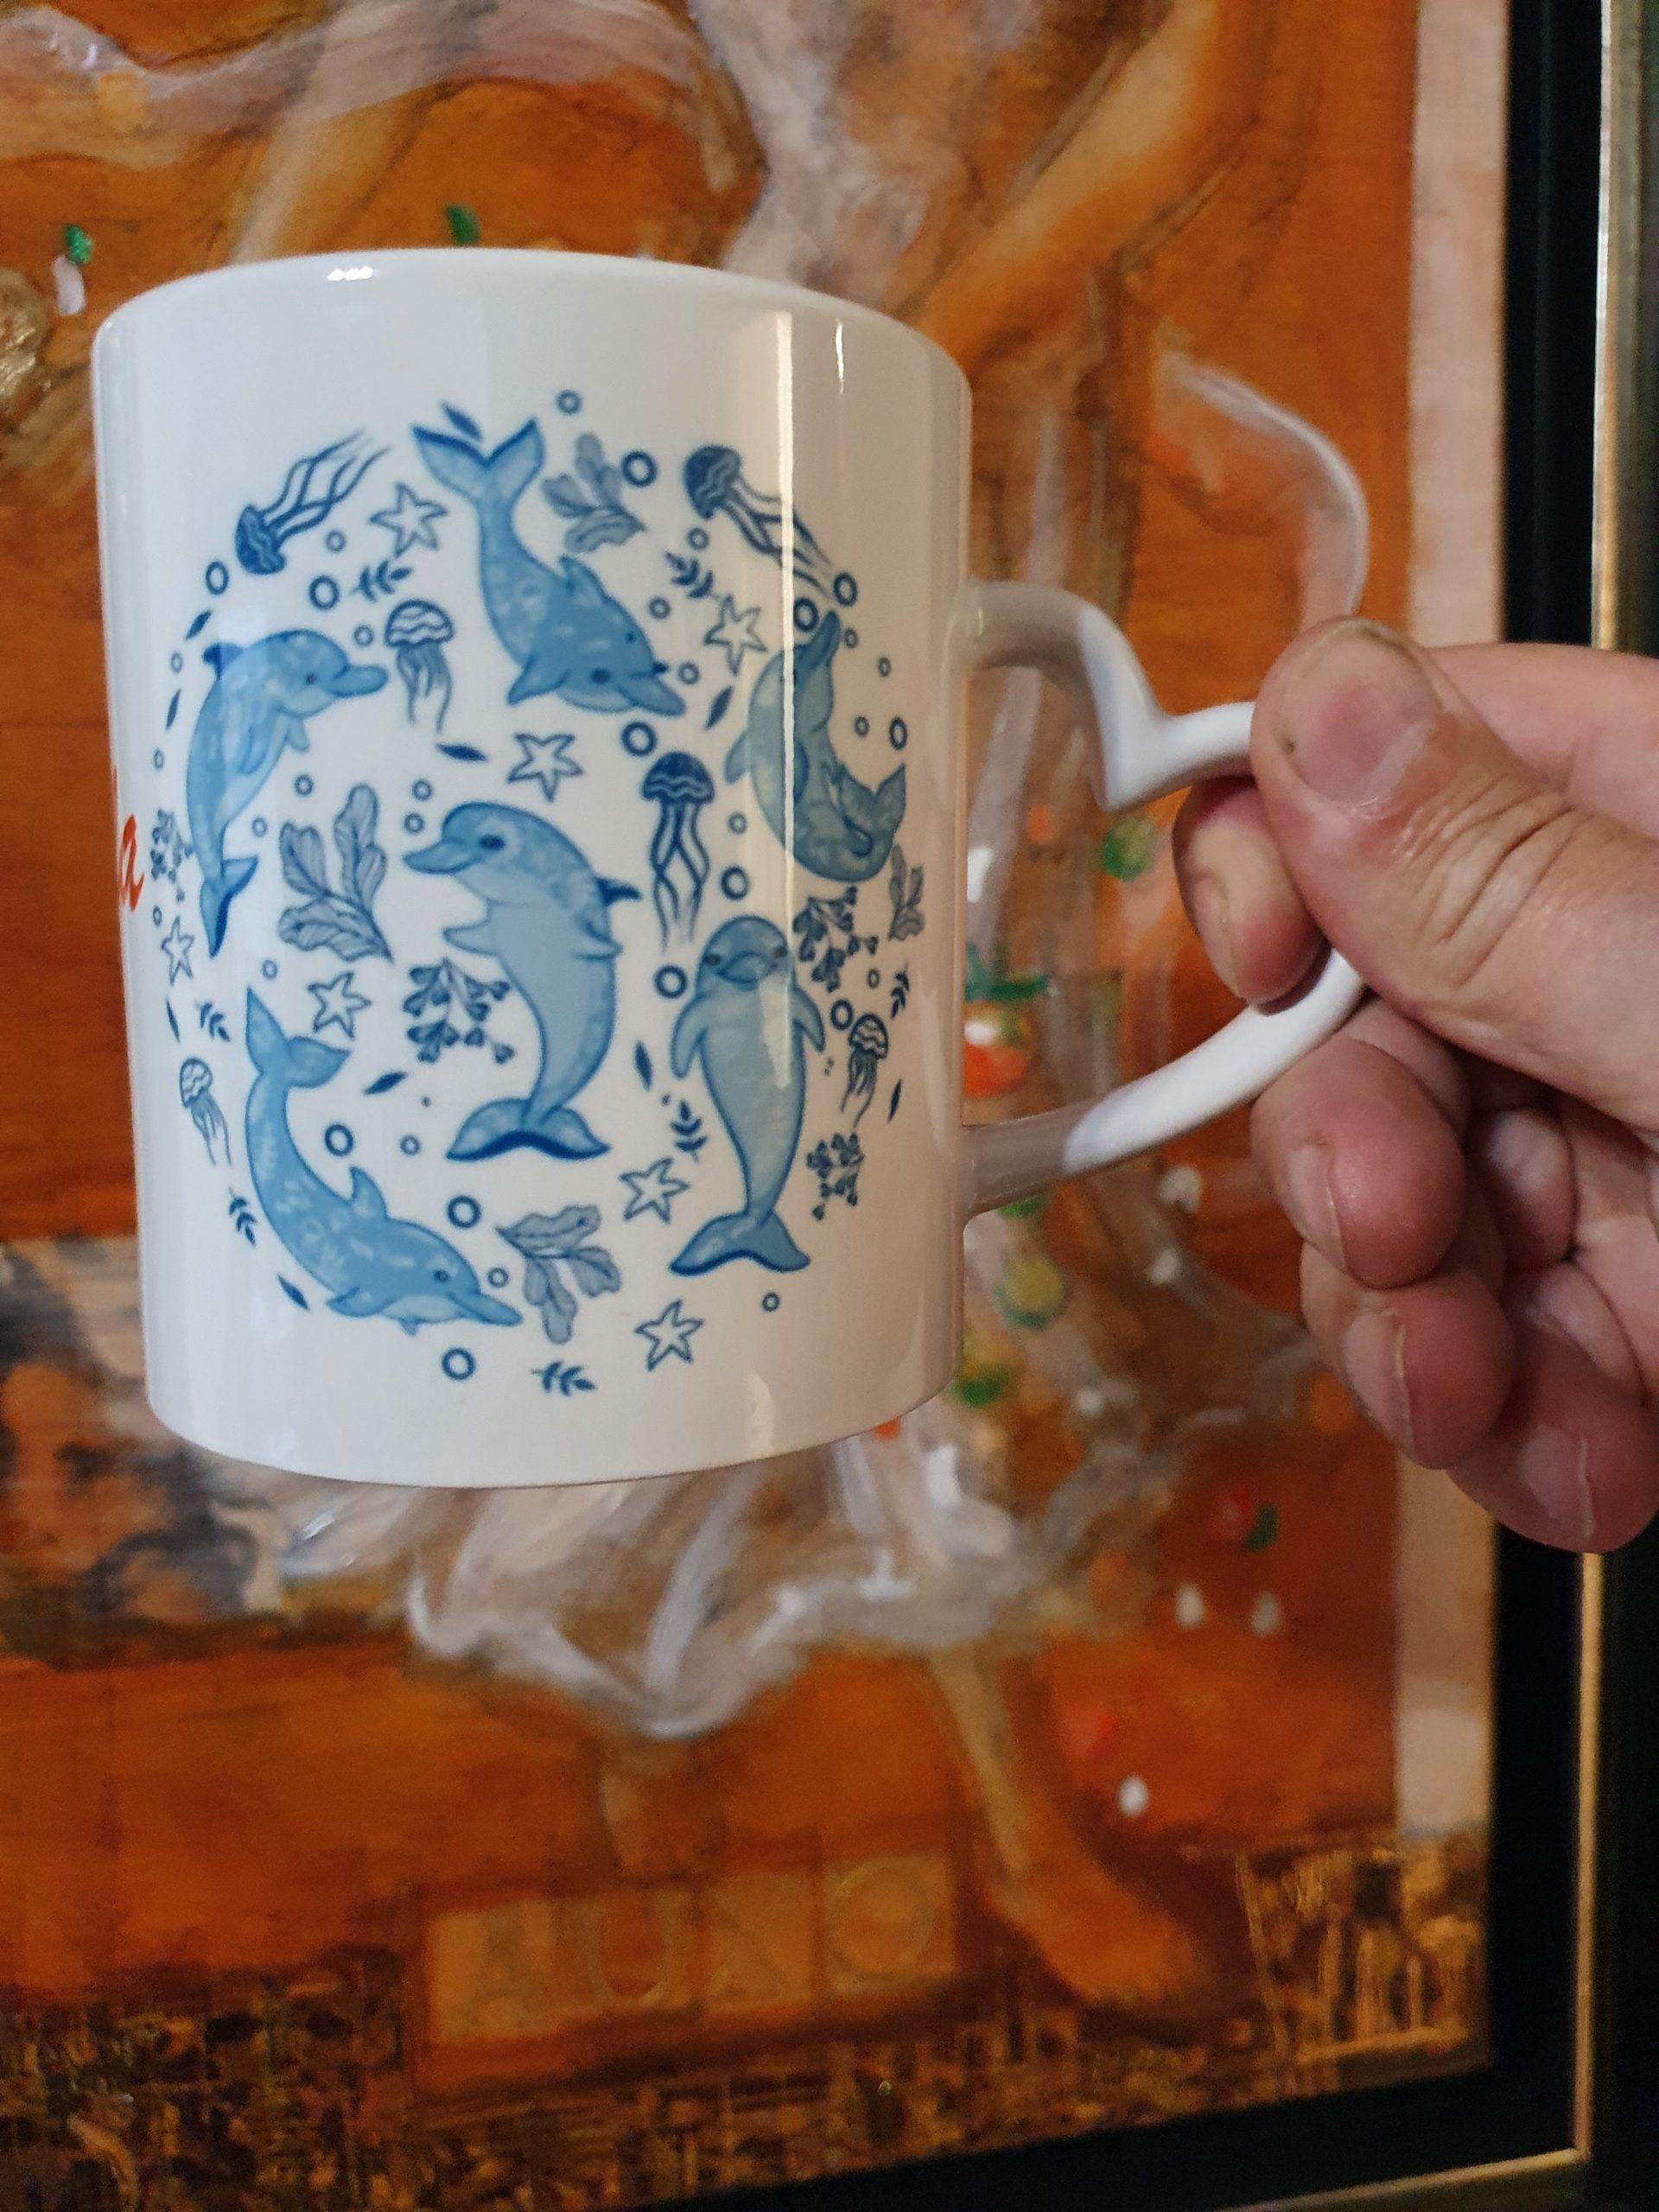 Lolas mug